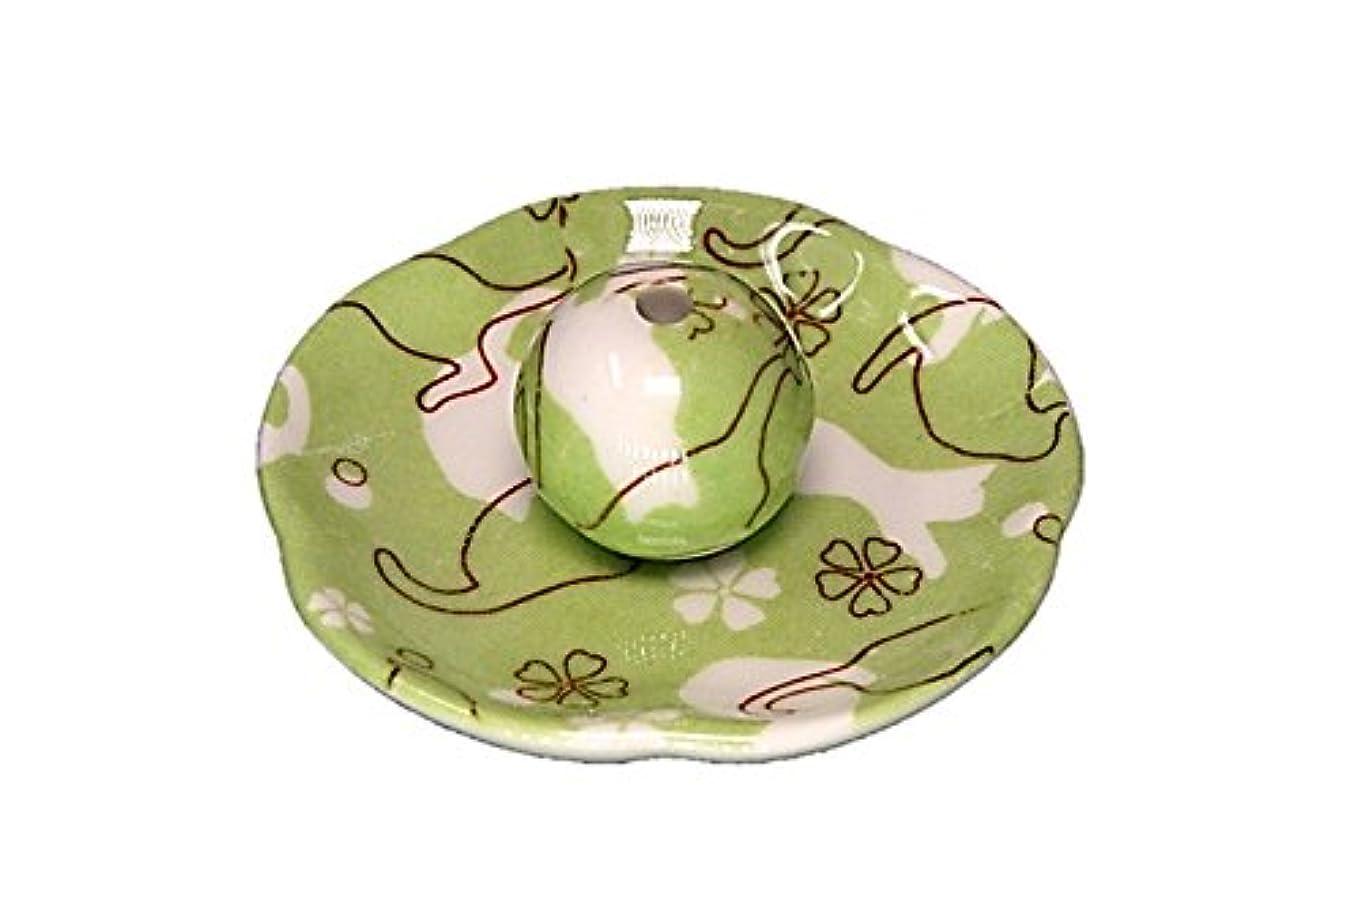 飲料粉砕する論争ねこランド グリーン 花形香皿 お香立て ネコ 猫 ACSWEBSHOPオリジナル